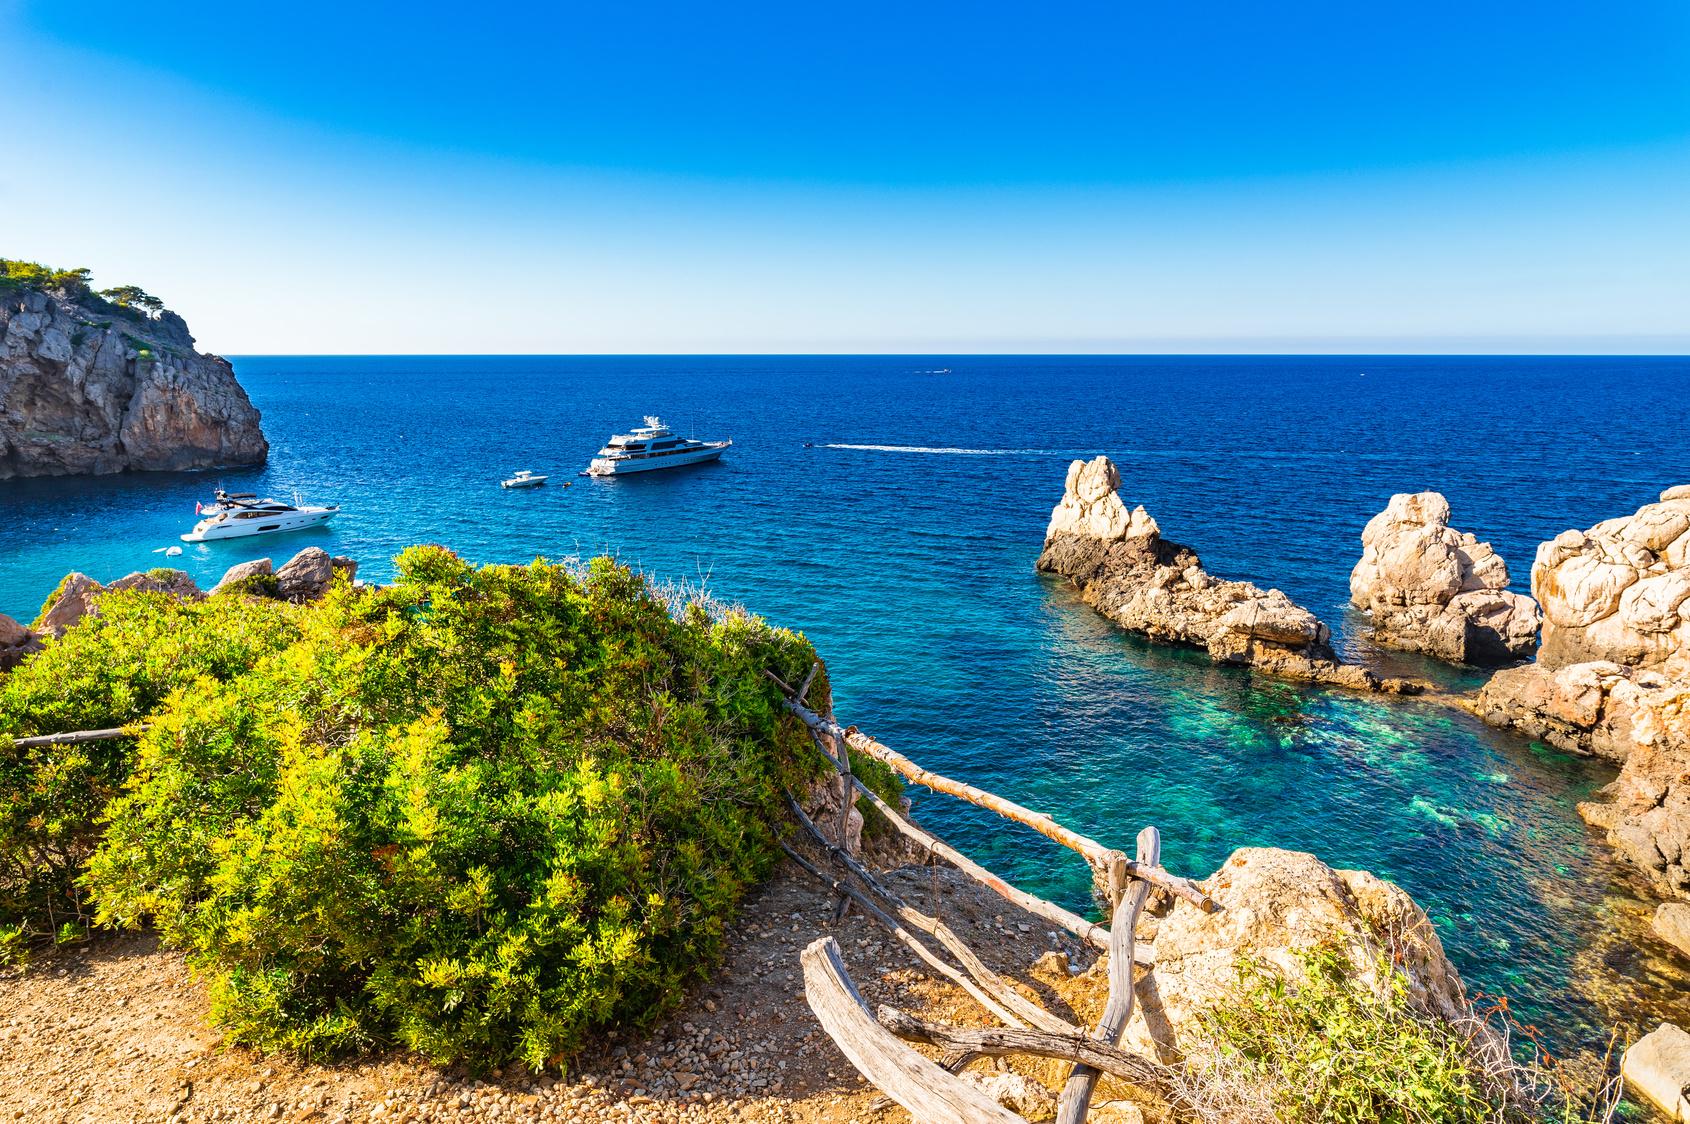 5 Tage Mallorca Im Schonen 3 Sterne Hotel Mit Flugen Halbpension